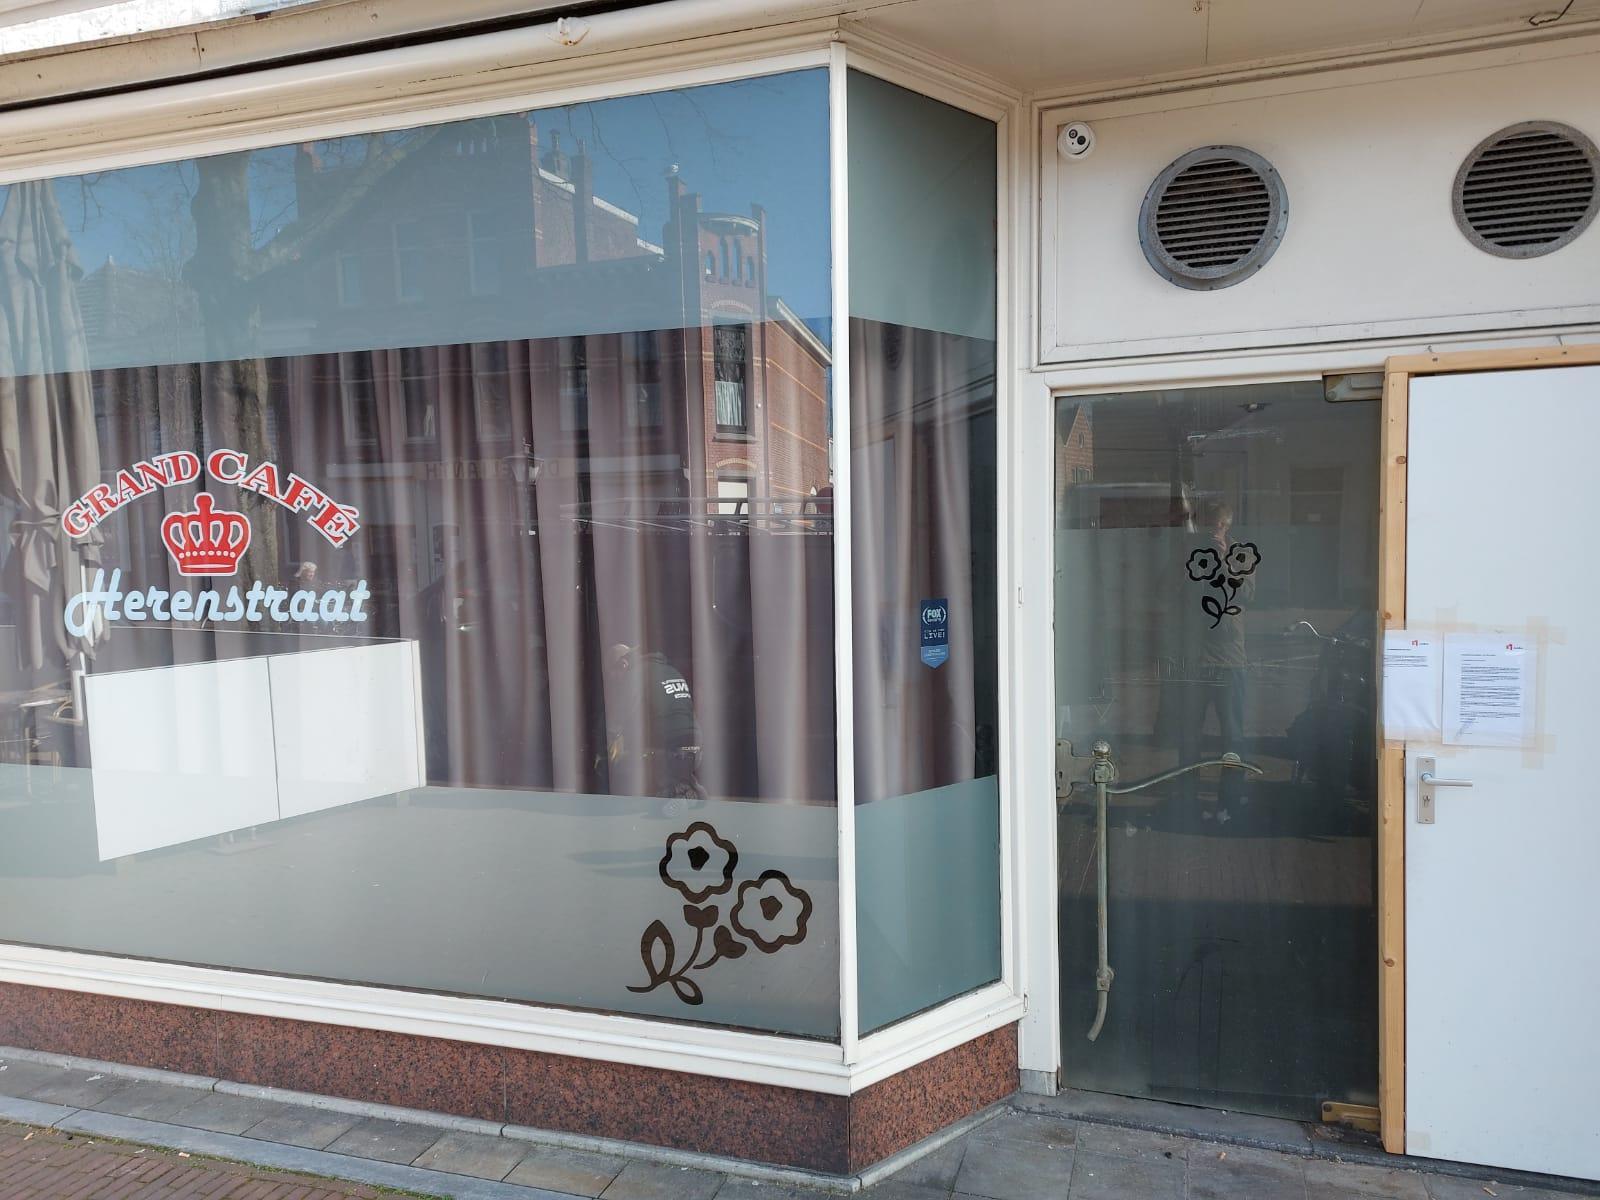 Burgemeester van Leiden sluit twee drugspanden, een grand café in de Herenstraat en een woning in de Sumatrastraat